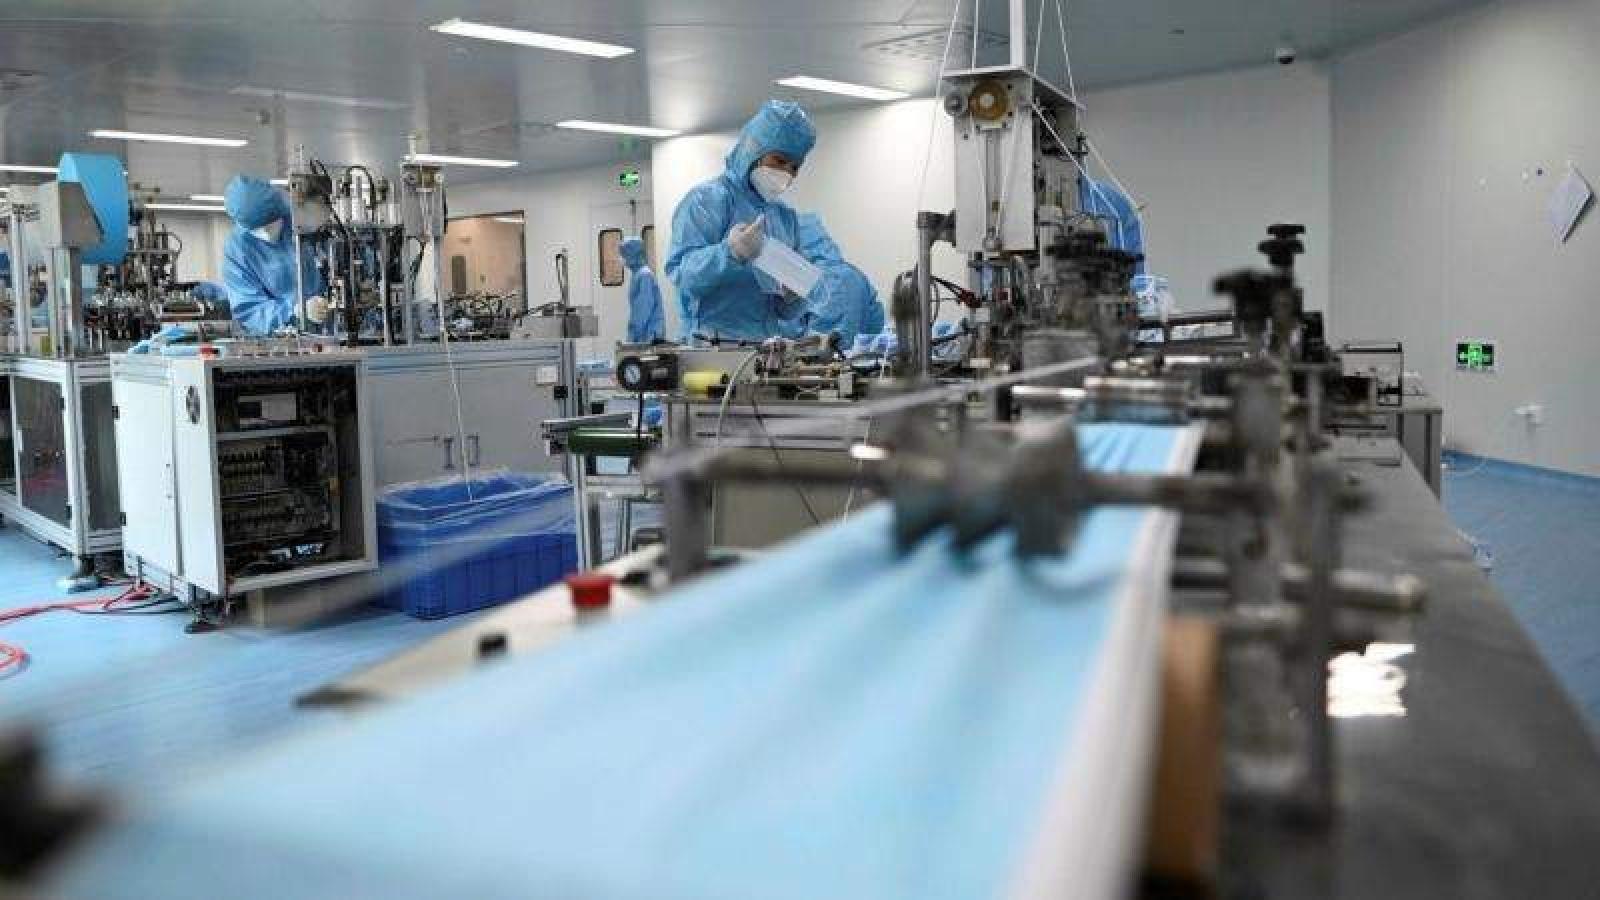 Hơn 1,3 tỷ chiếc khẩu trang y tế được xuất khẩu